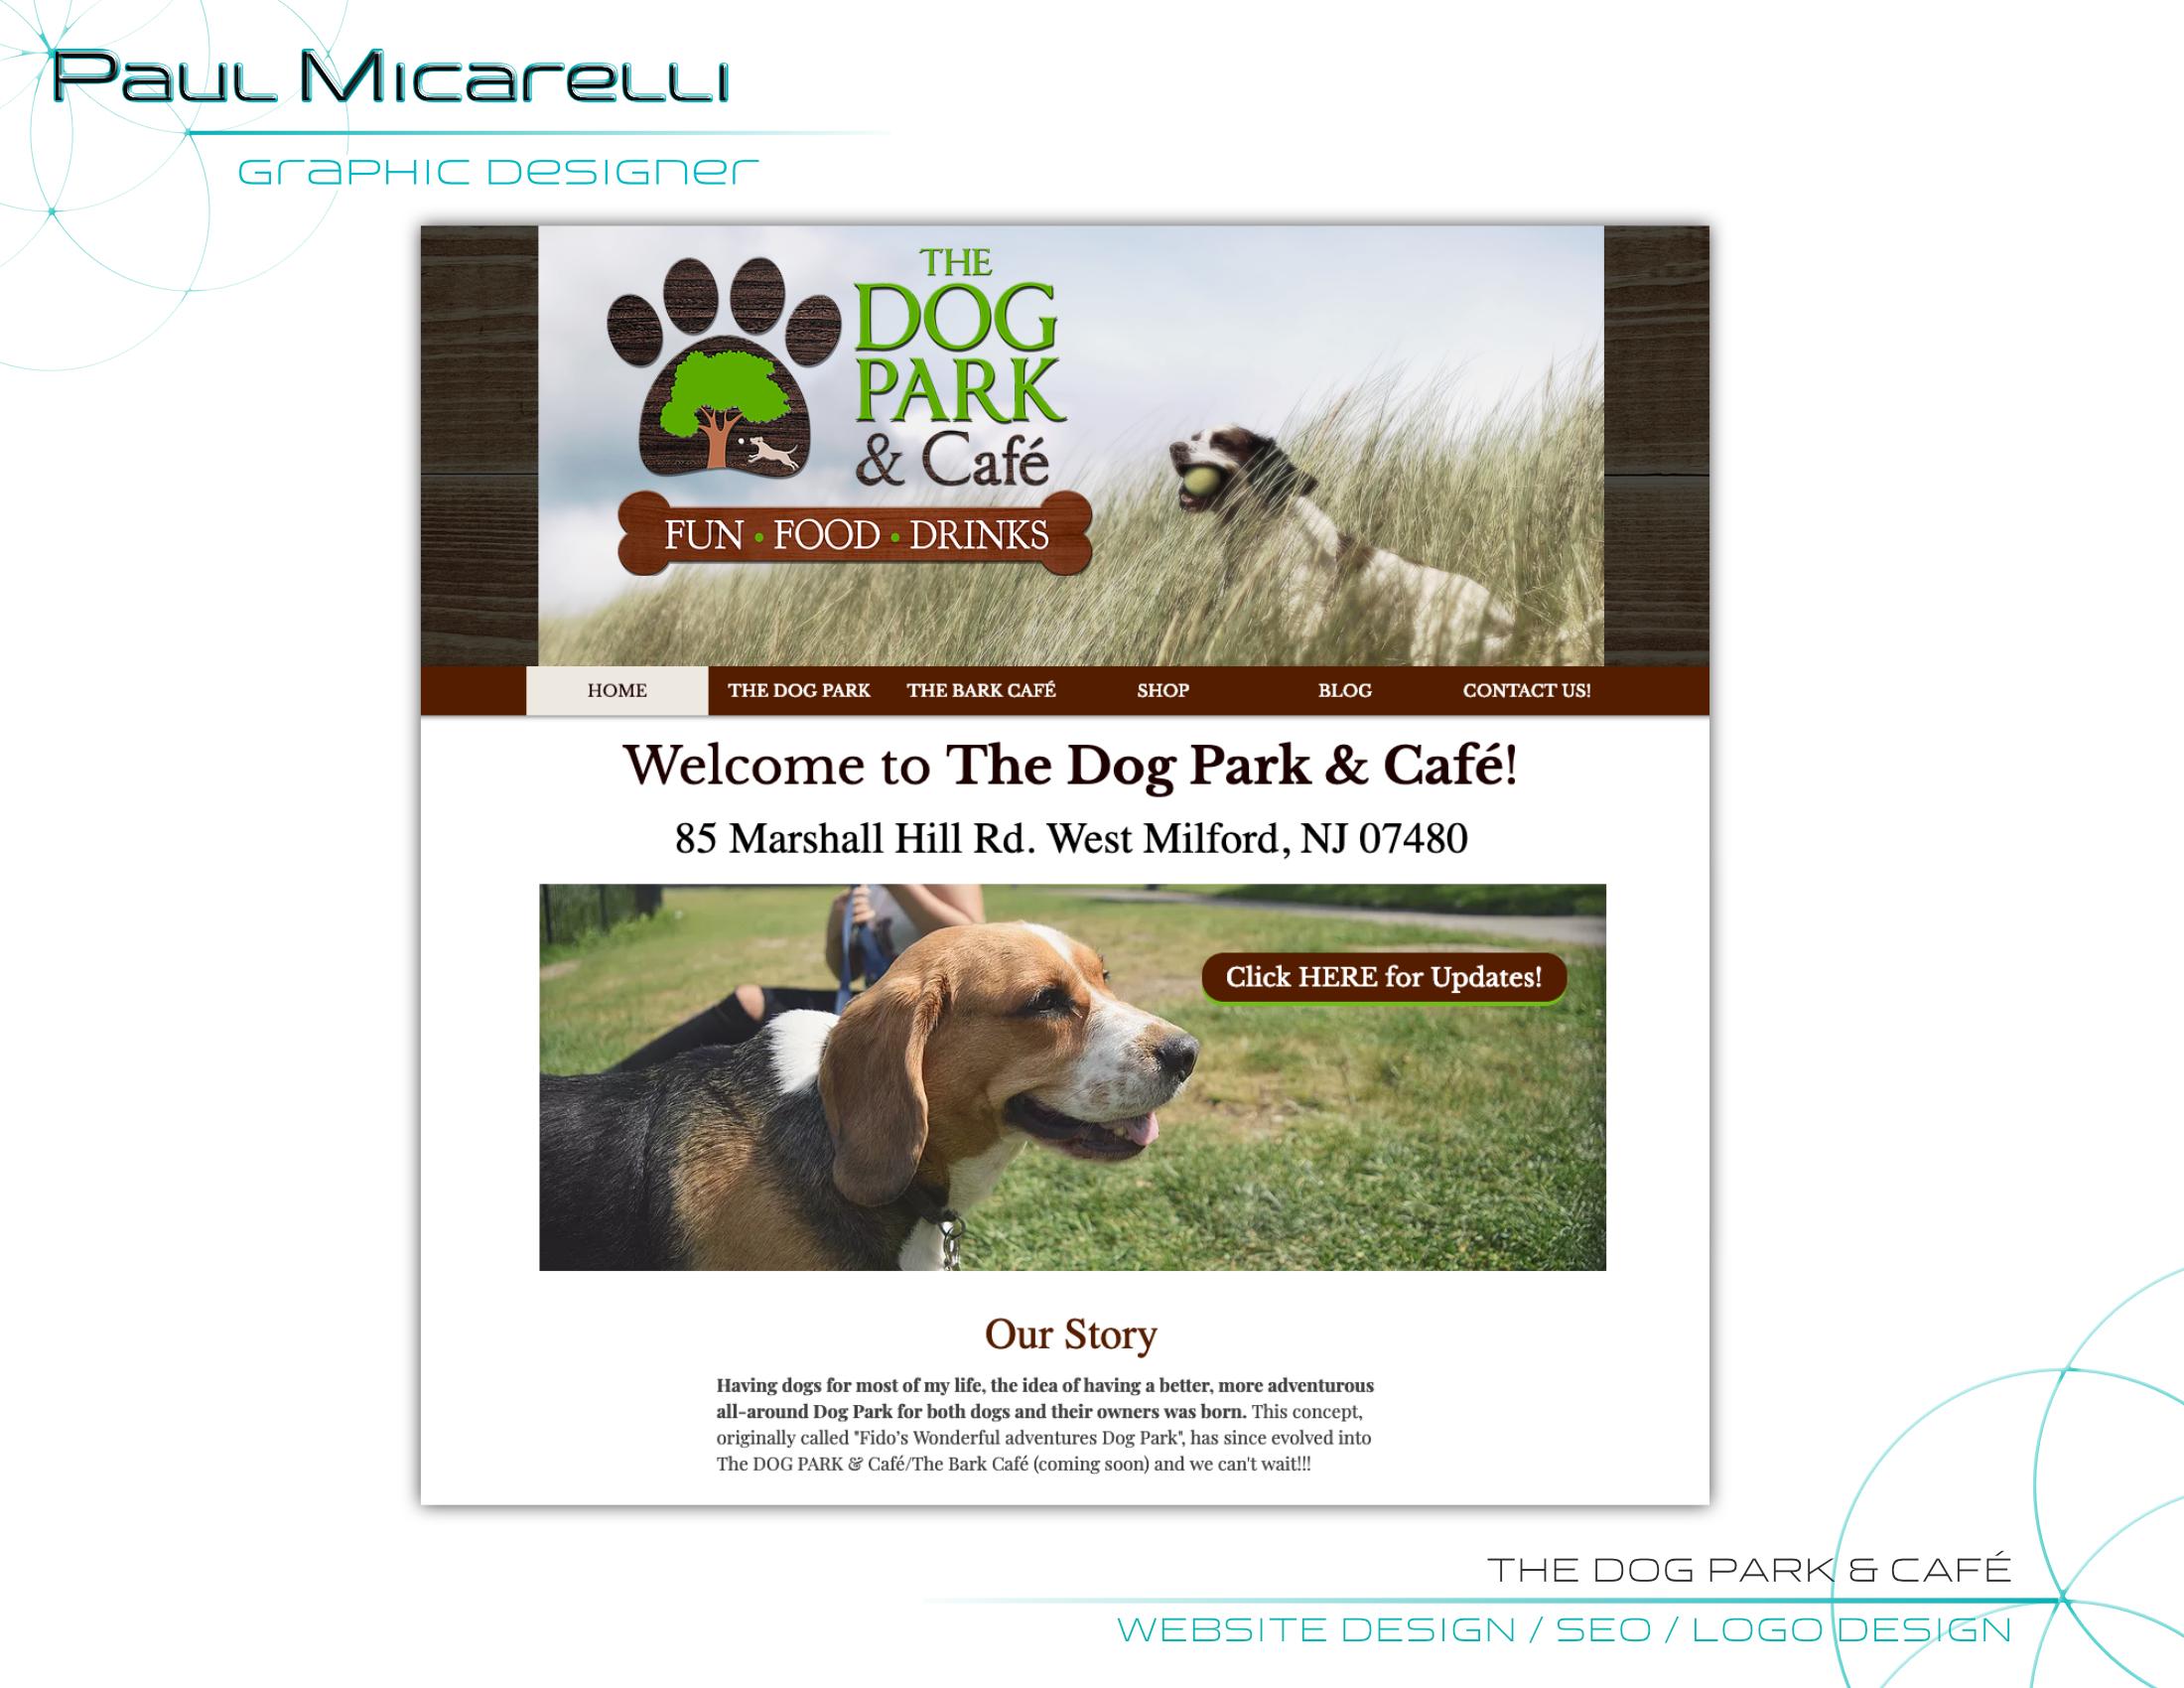 Paul-Micarelli-Dog Park Cafe-Website